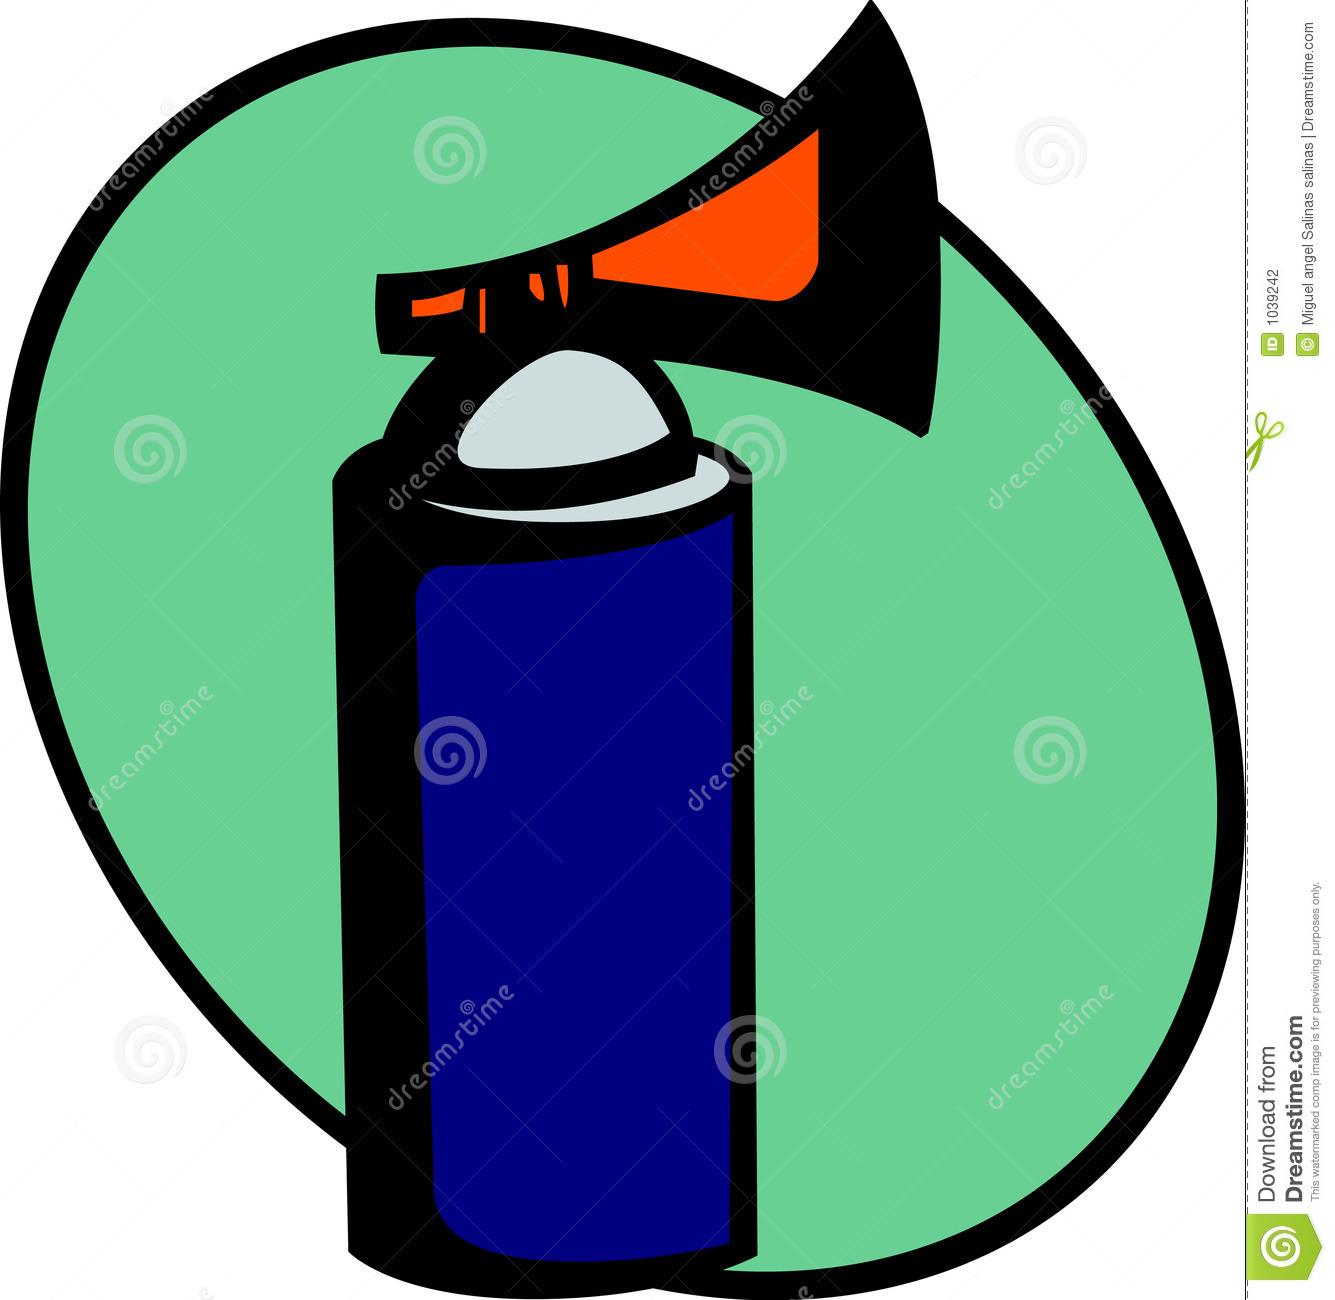 Emergency Air Horn Signal Or Alarm. Vector Stock Photography.